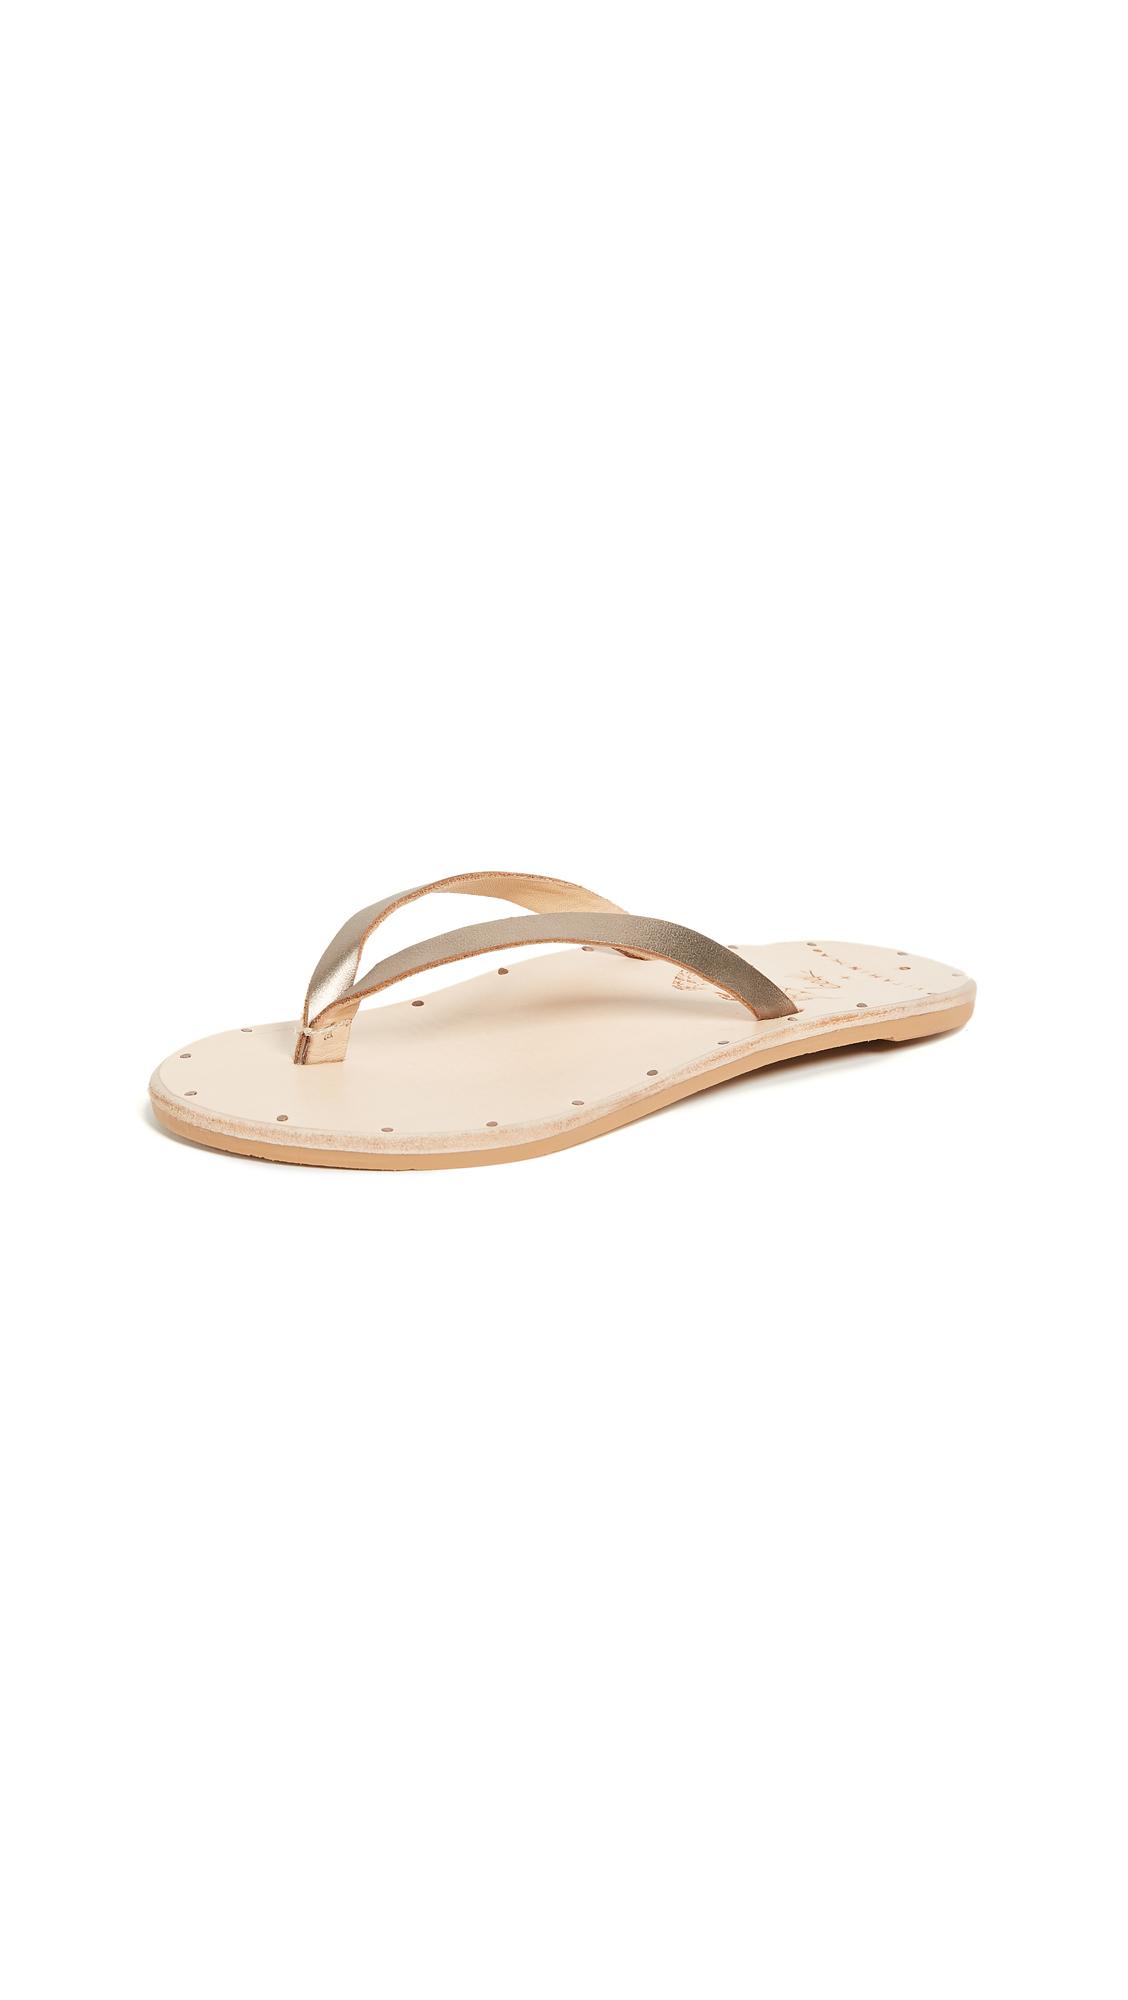 beek Seabird Thong Sandal - Bronze/Natural